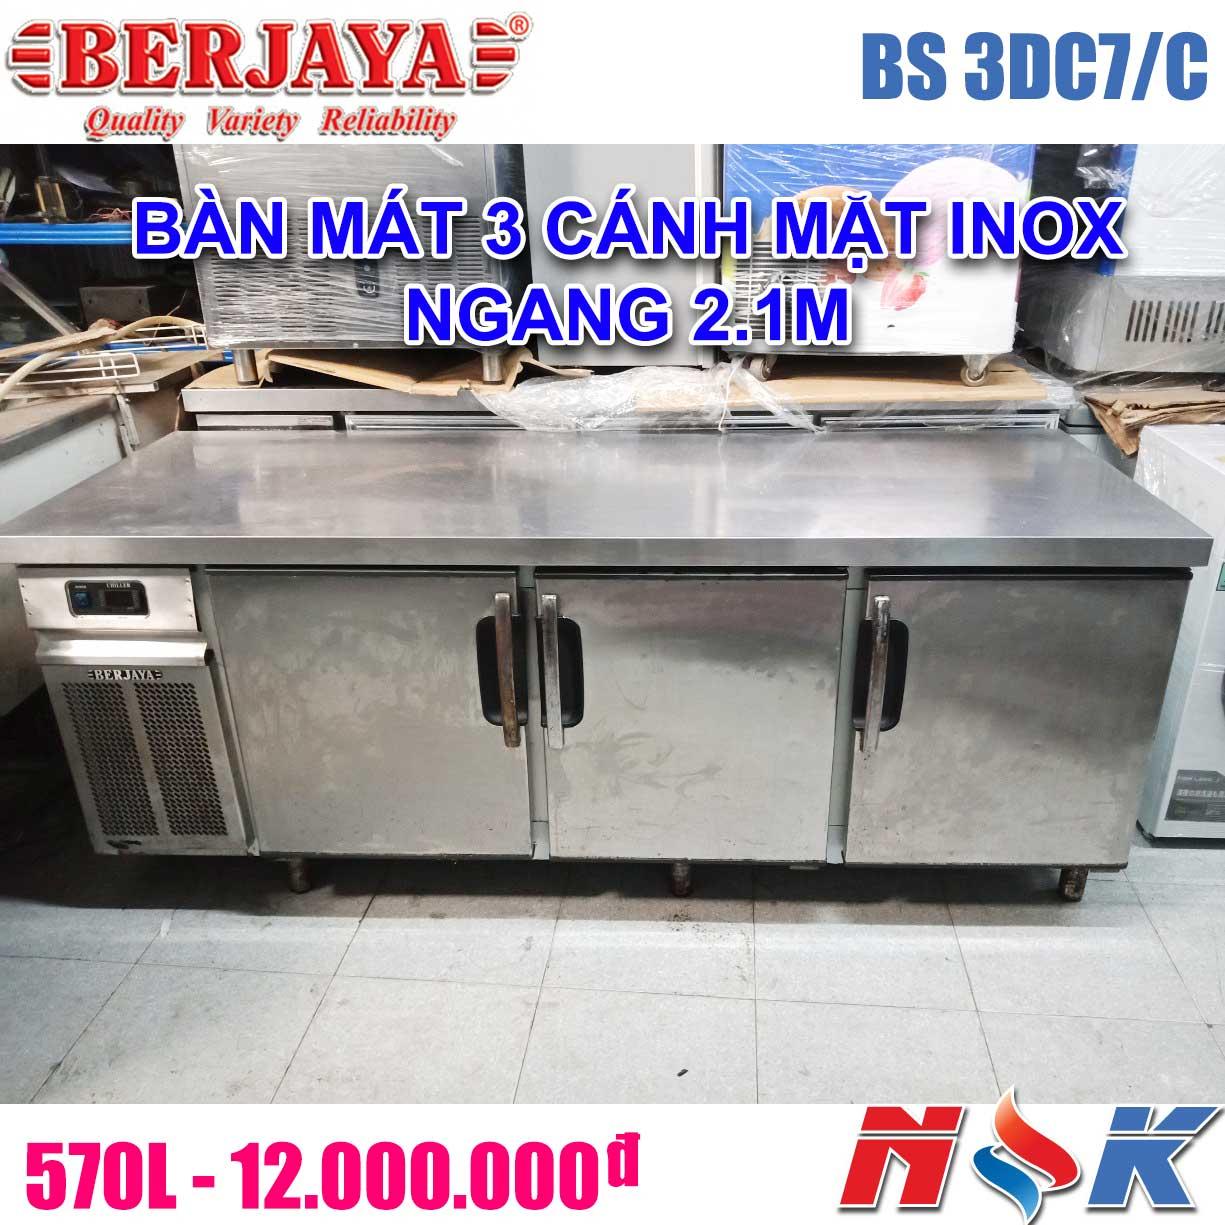 Bàn mát 3 cánh inox Berjaya 2m1 BS 3DC7/C